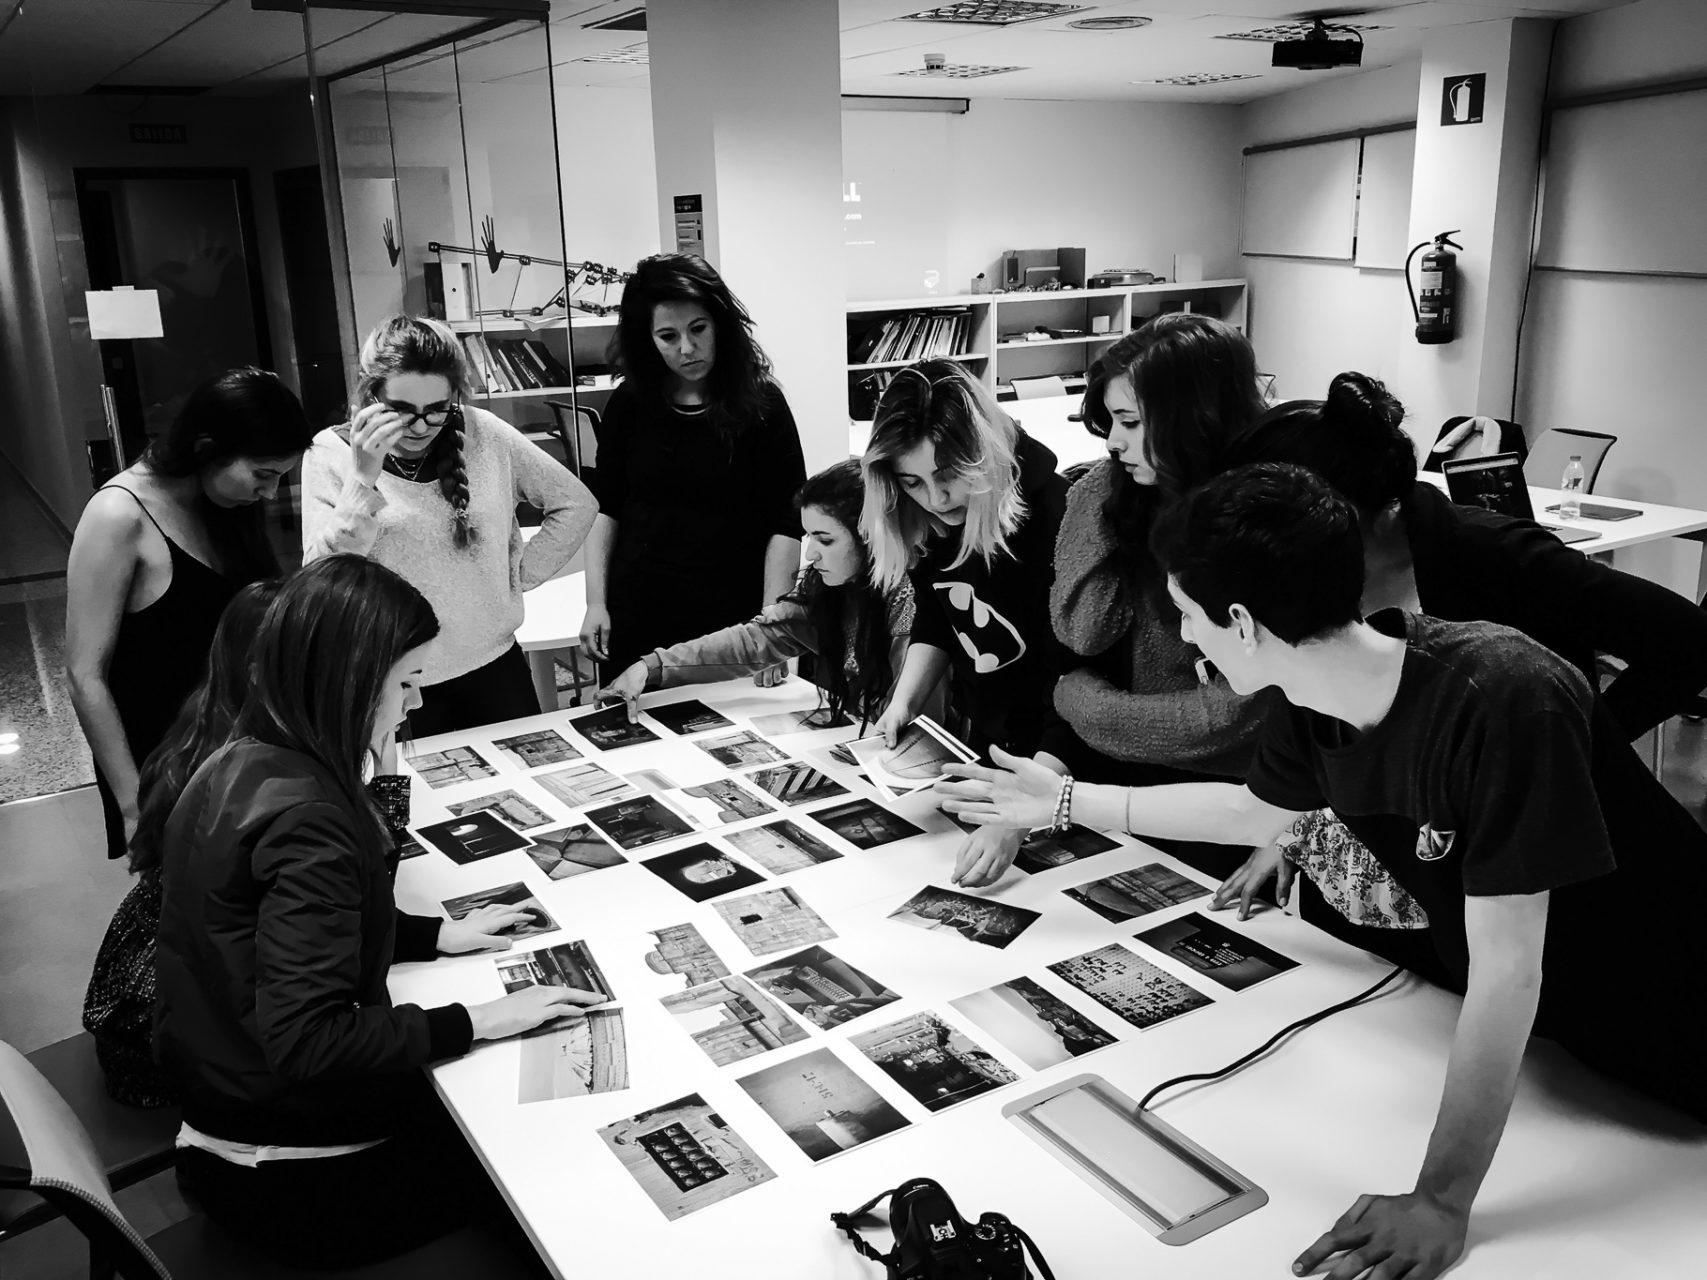 fotos taller handsthinking - la construccion de la mirada-01